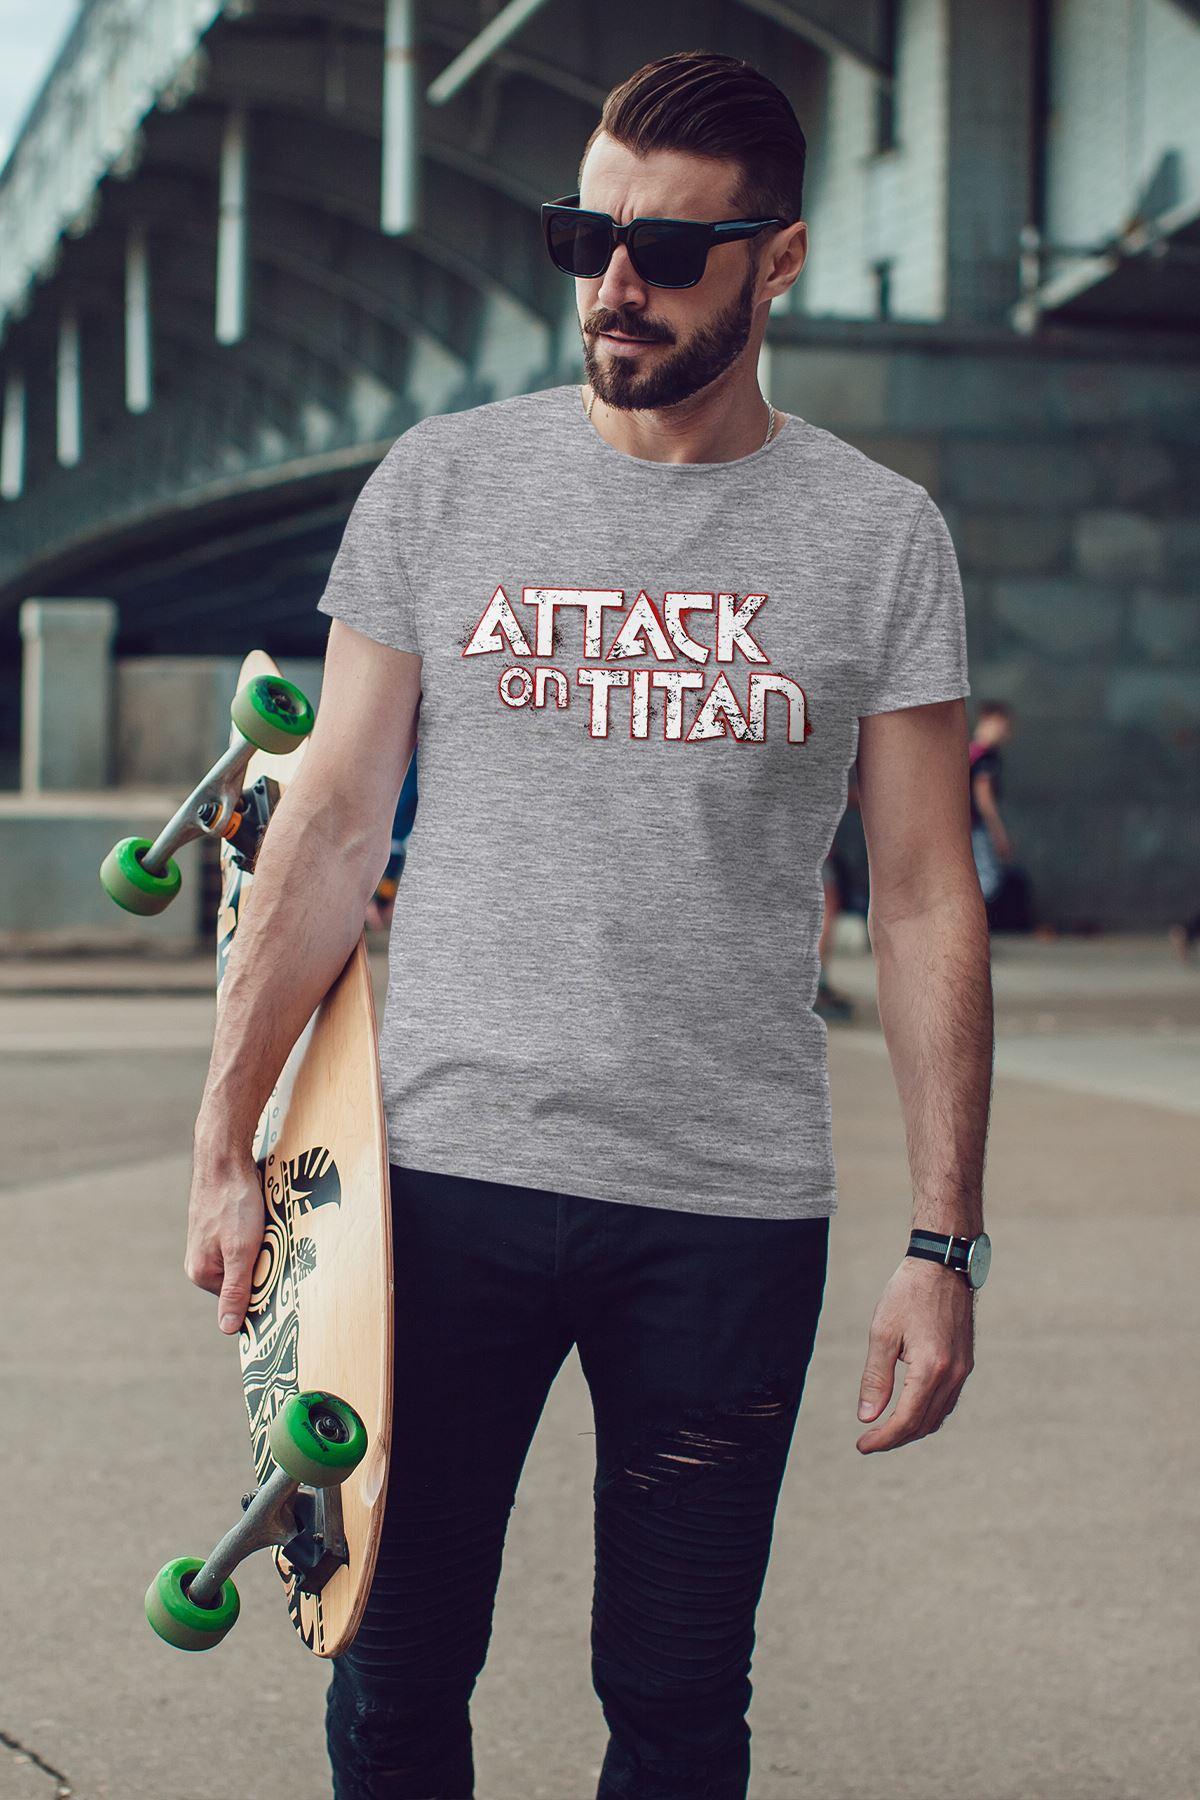 Attack on Titan Gri Erkek Tshirt - Tişört